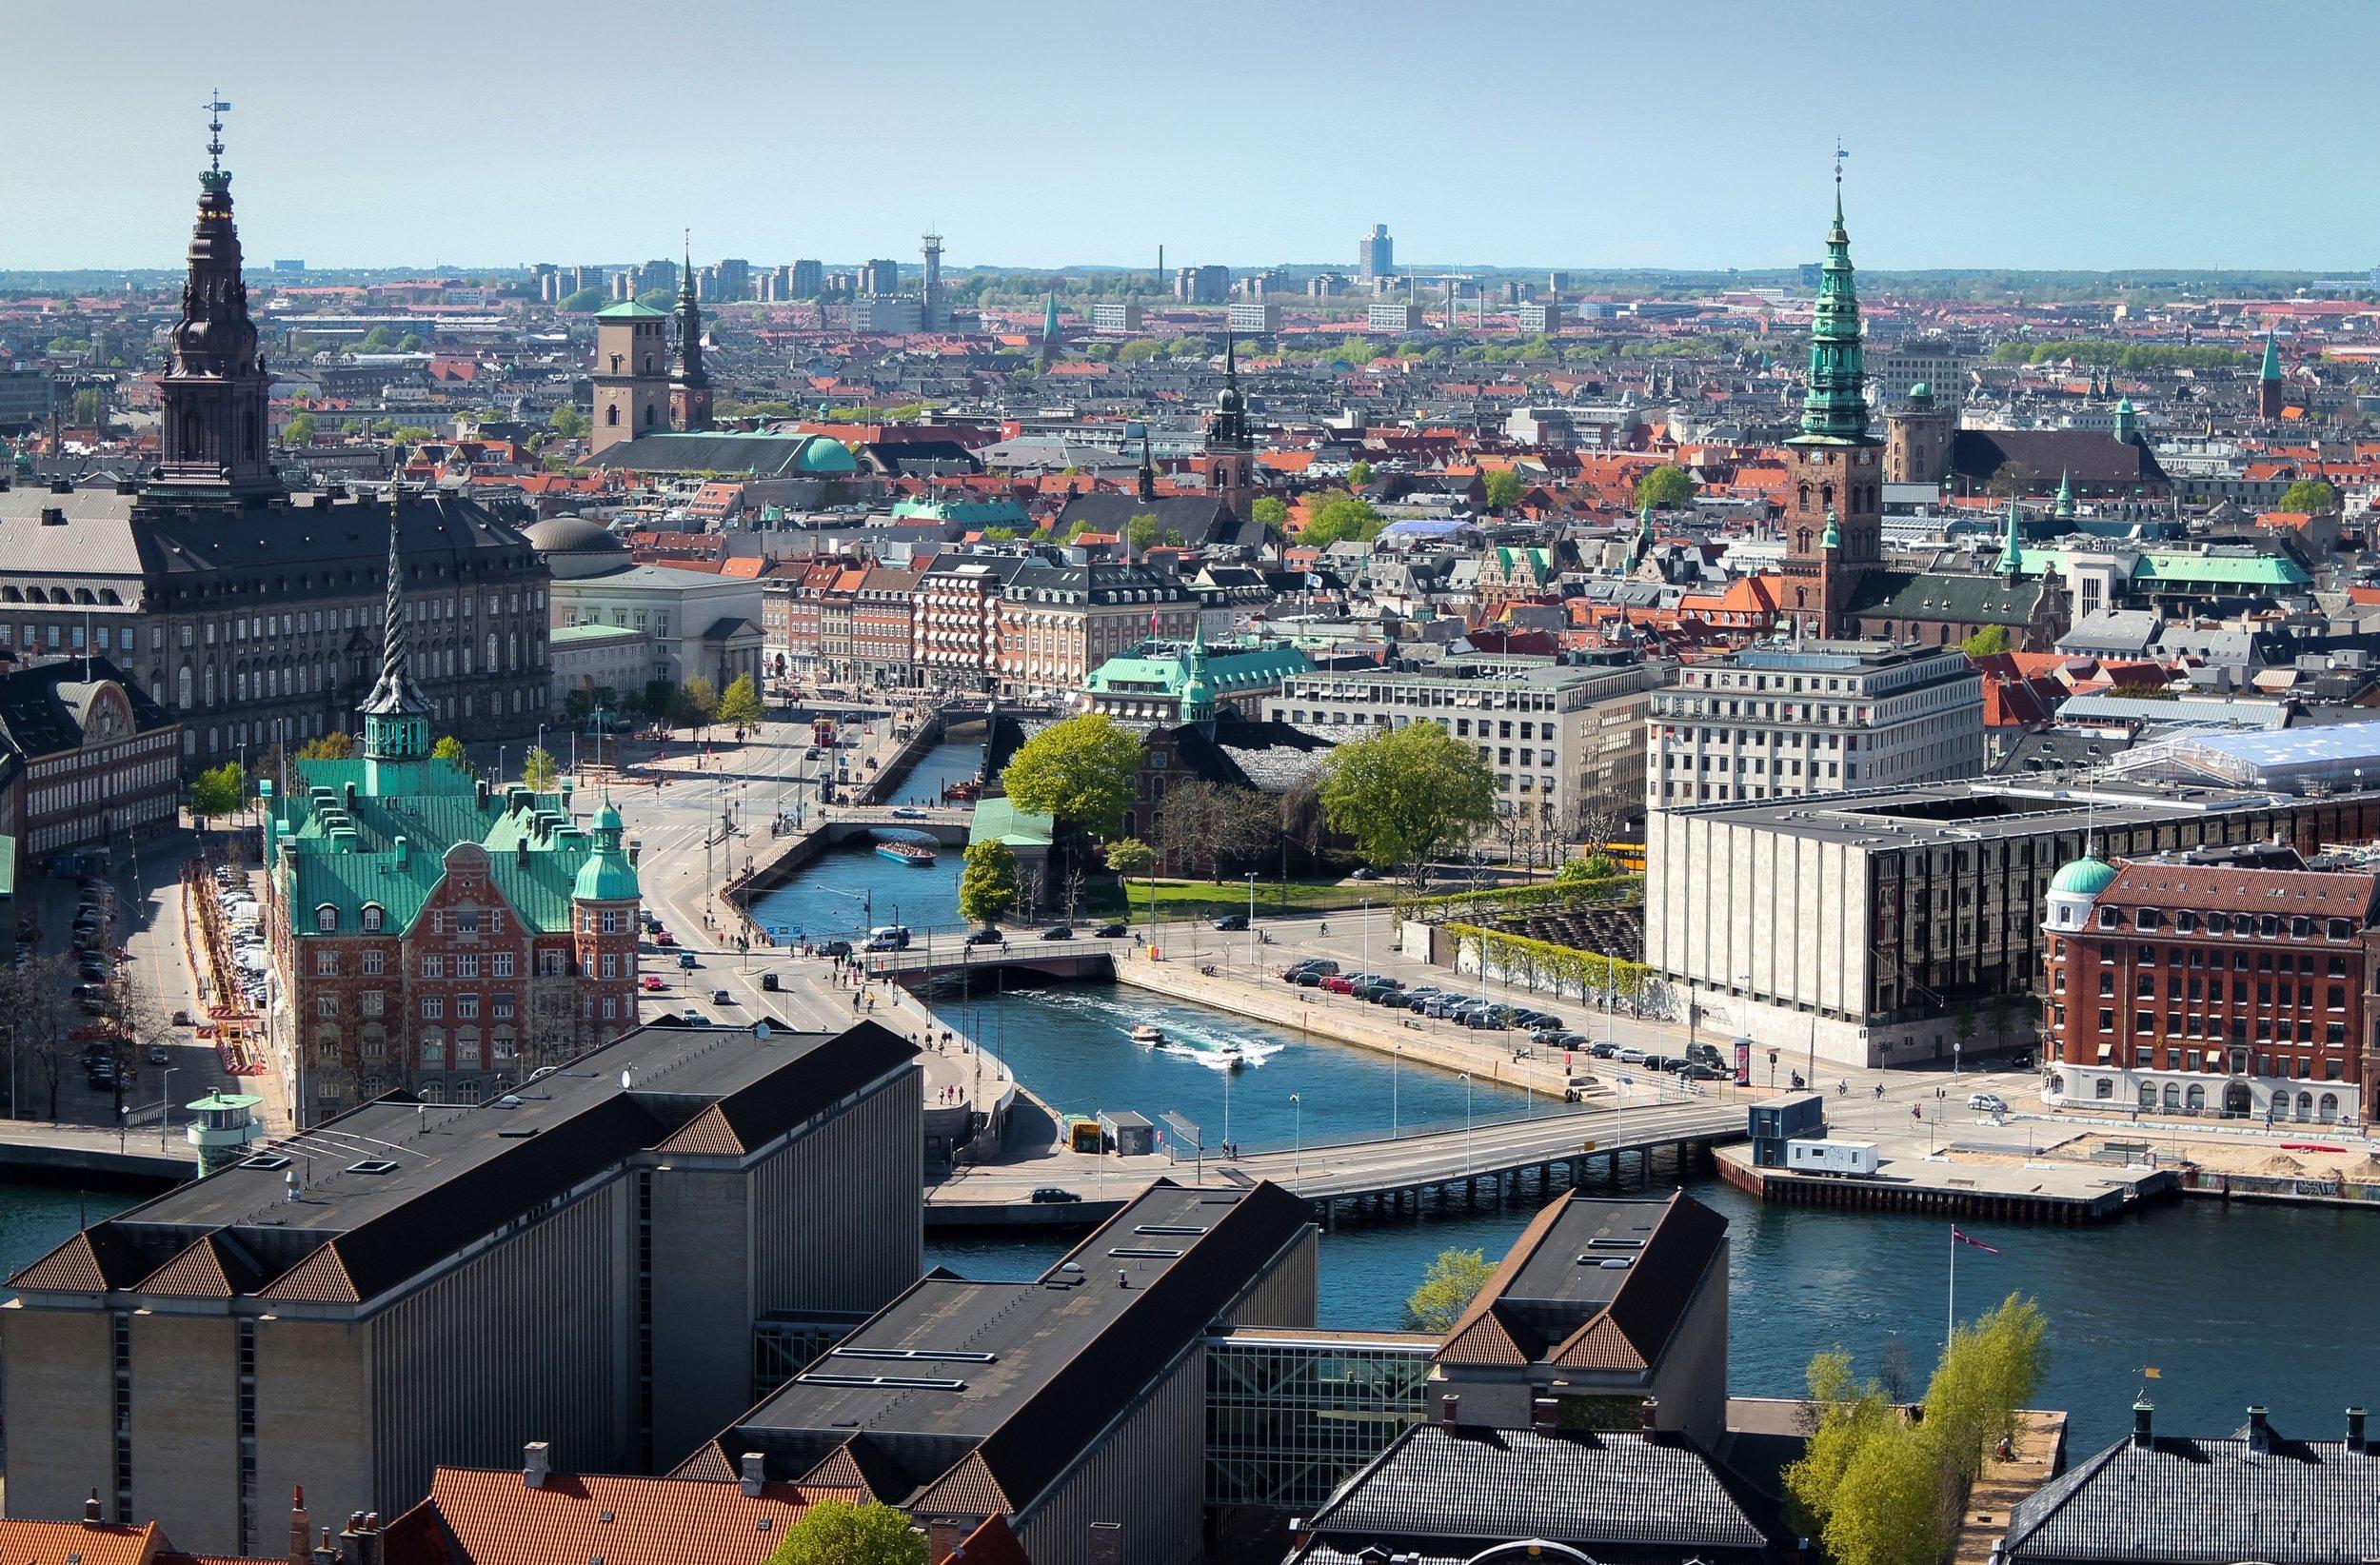 Image of Copenhagen, Denmark.